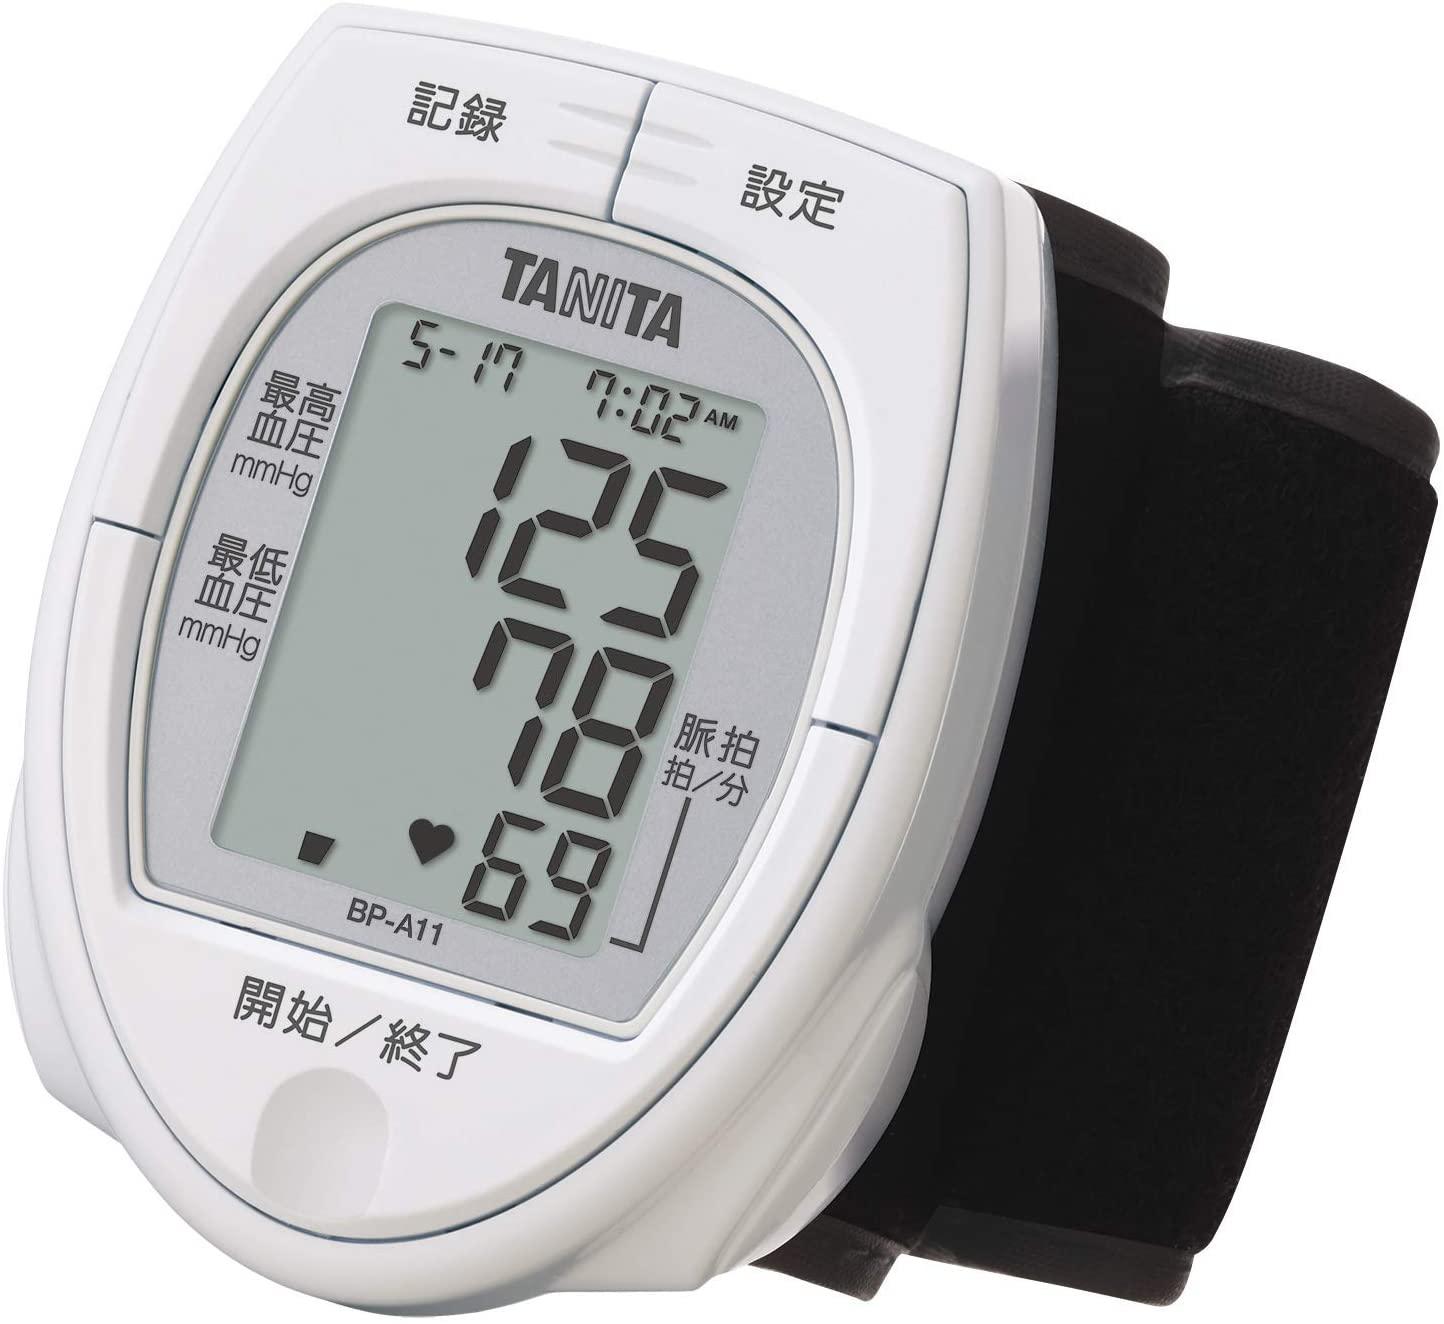 タニタの血圧計BP-A11